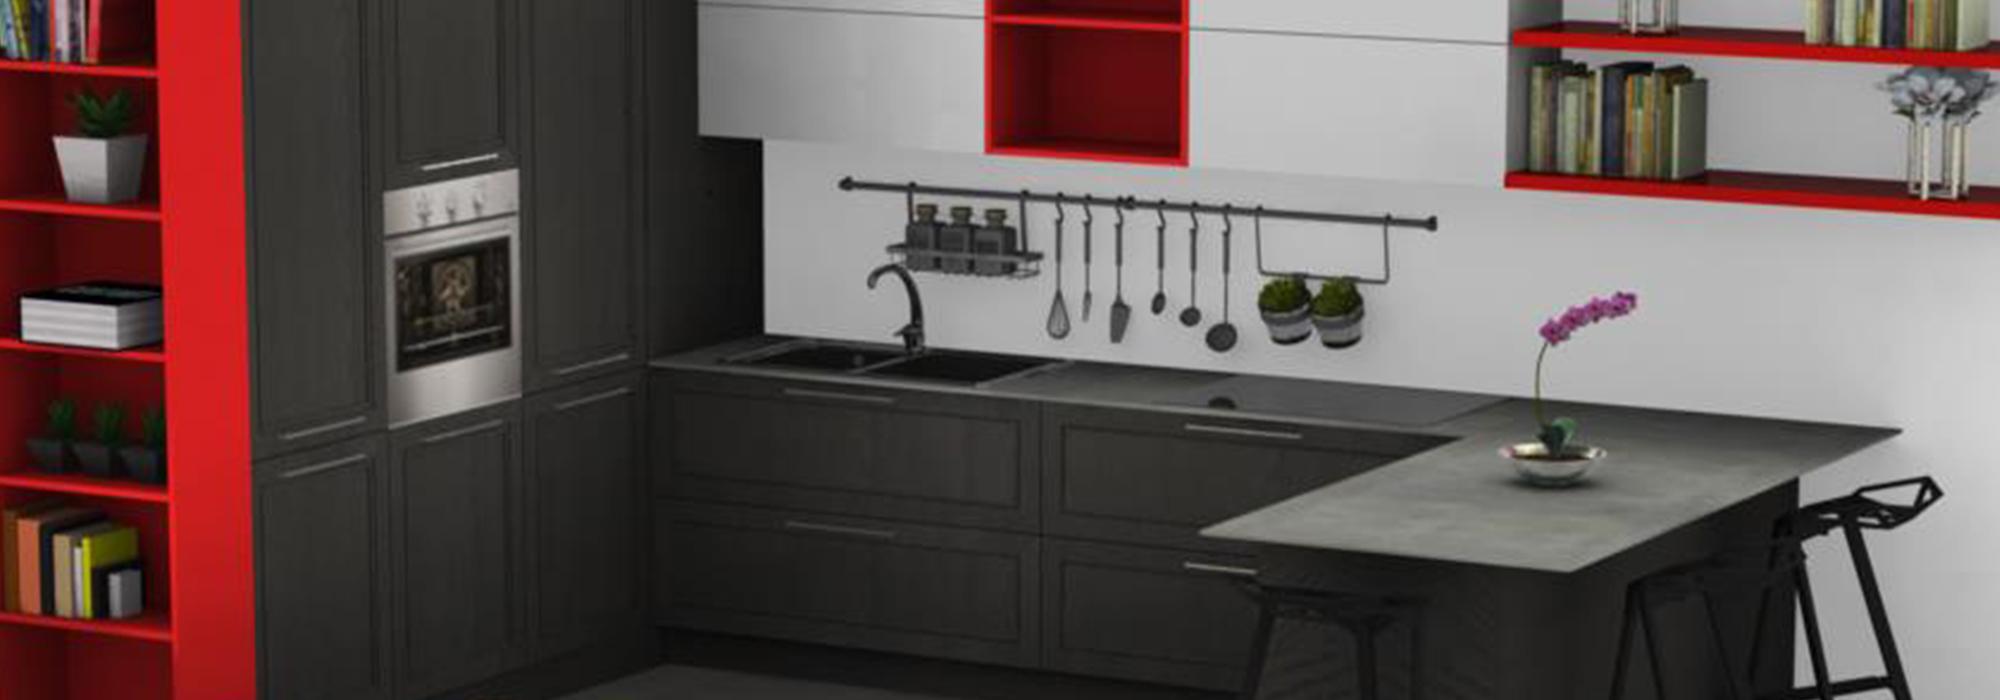 Le cucine componibili: soluzioni vantaggiose per spazi piccoli ...